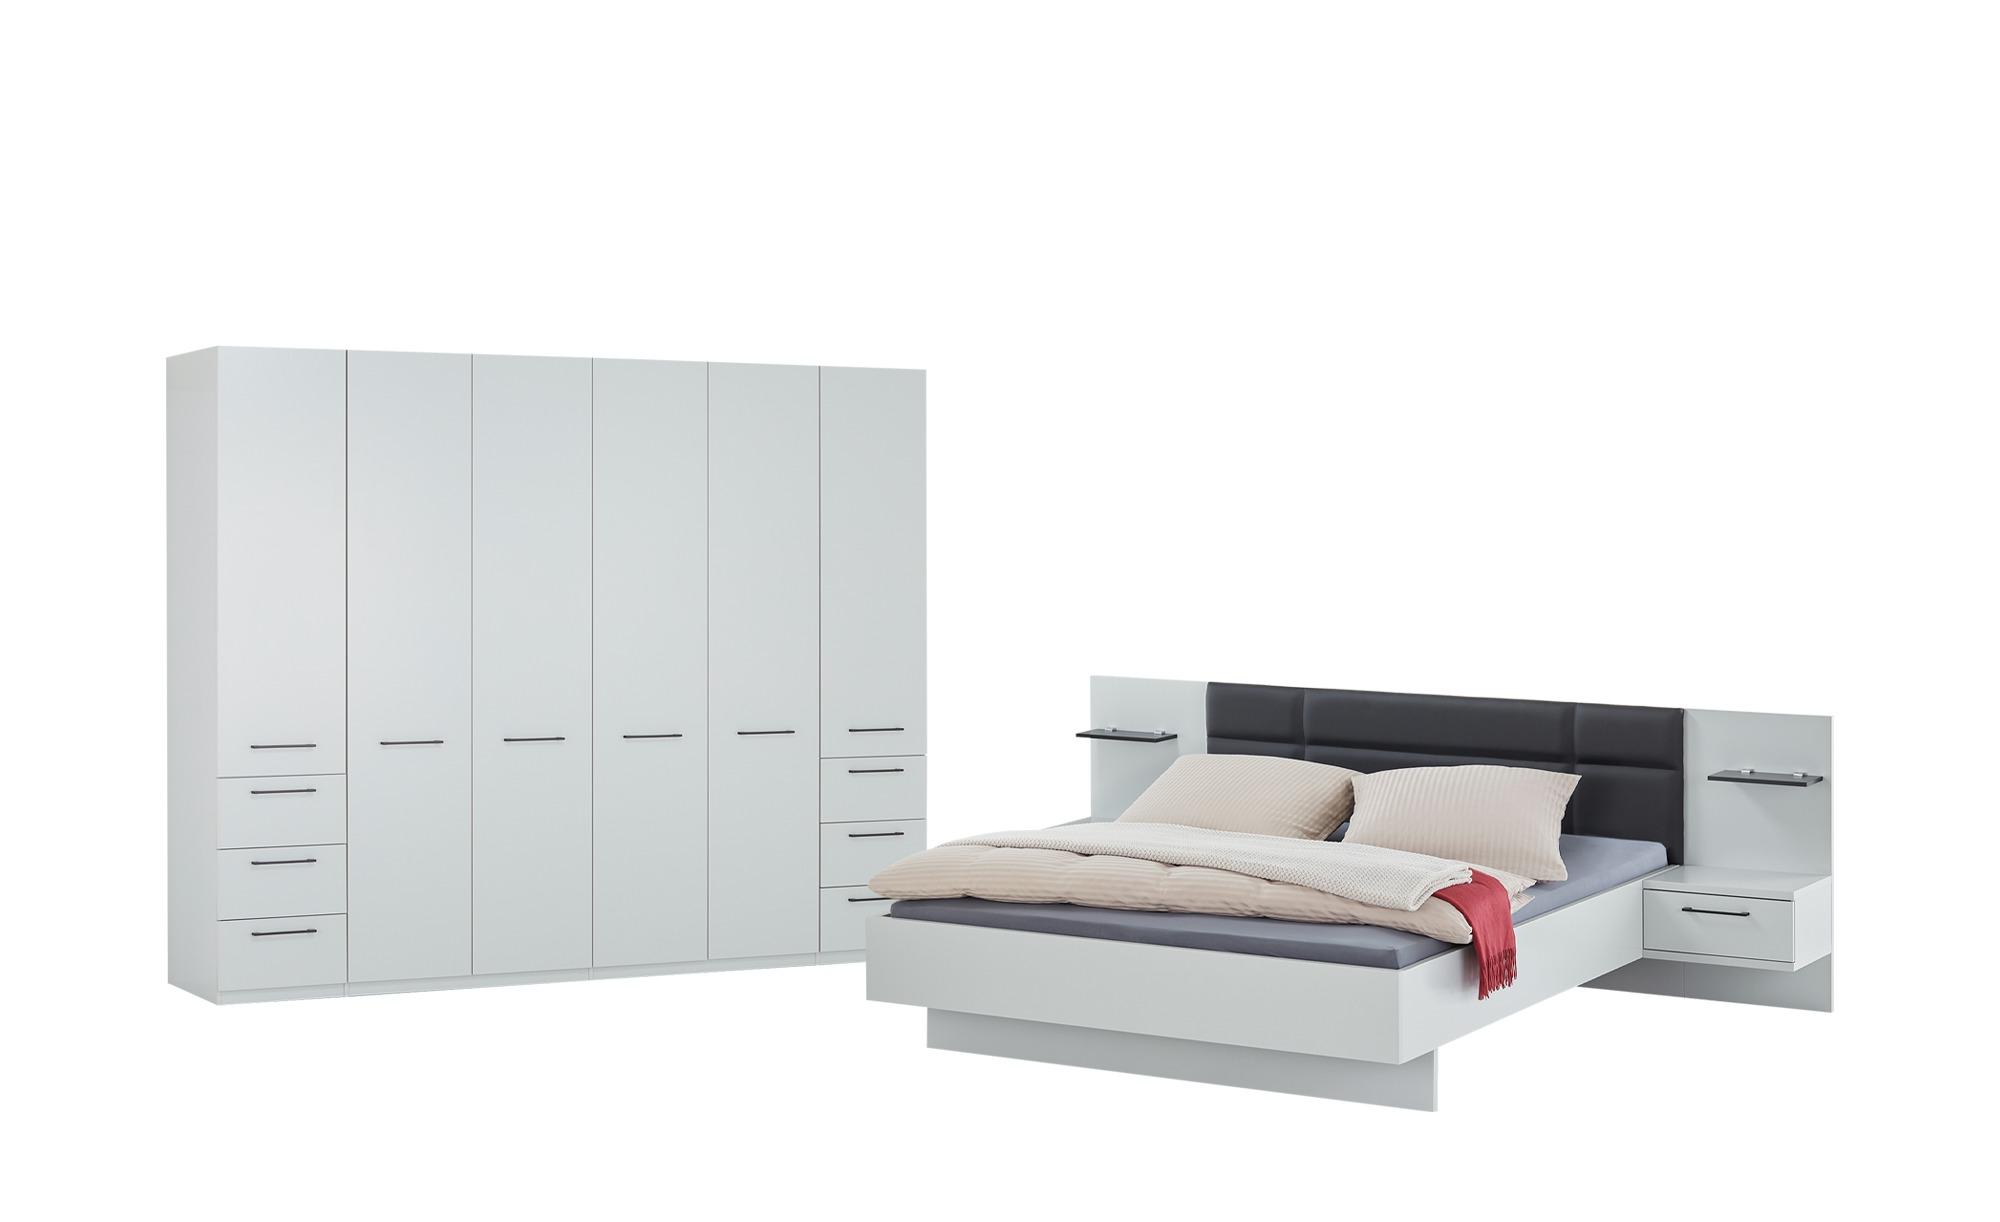 uno Komplett-Schlafzimmer, 4-teilig  Paris ¦ weiß ¦ Maße (cm): B: 282 H: 226 T: 60 Komplett-Schlafzimmer - Höffner